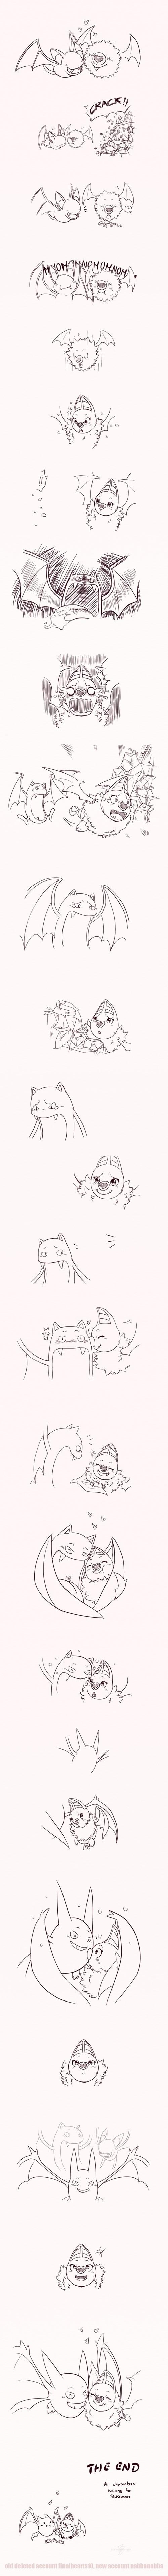 Pokémon swoobat bats golbat - 8454212096